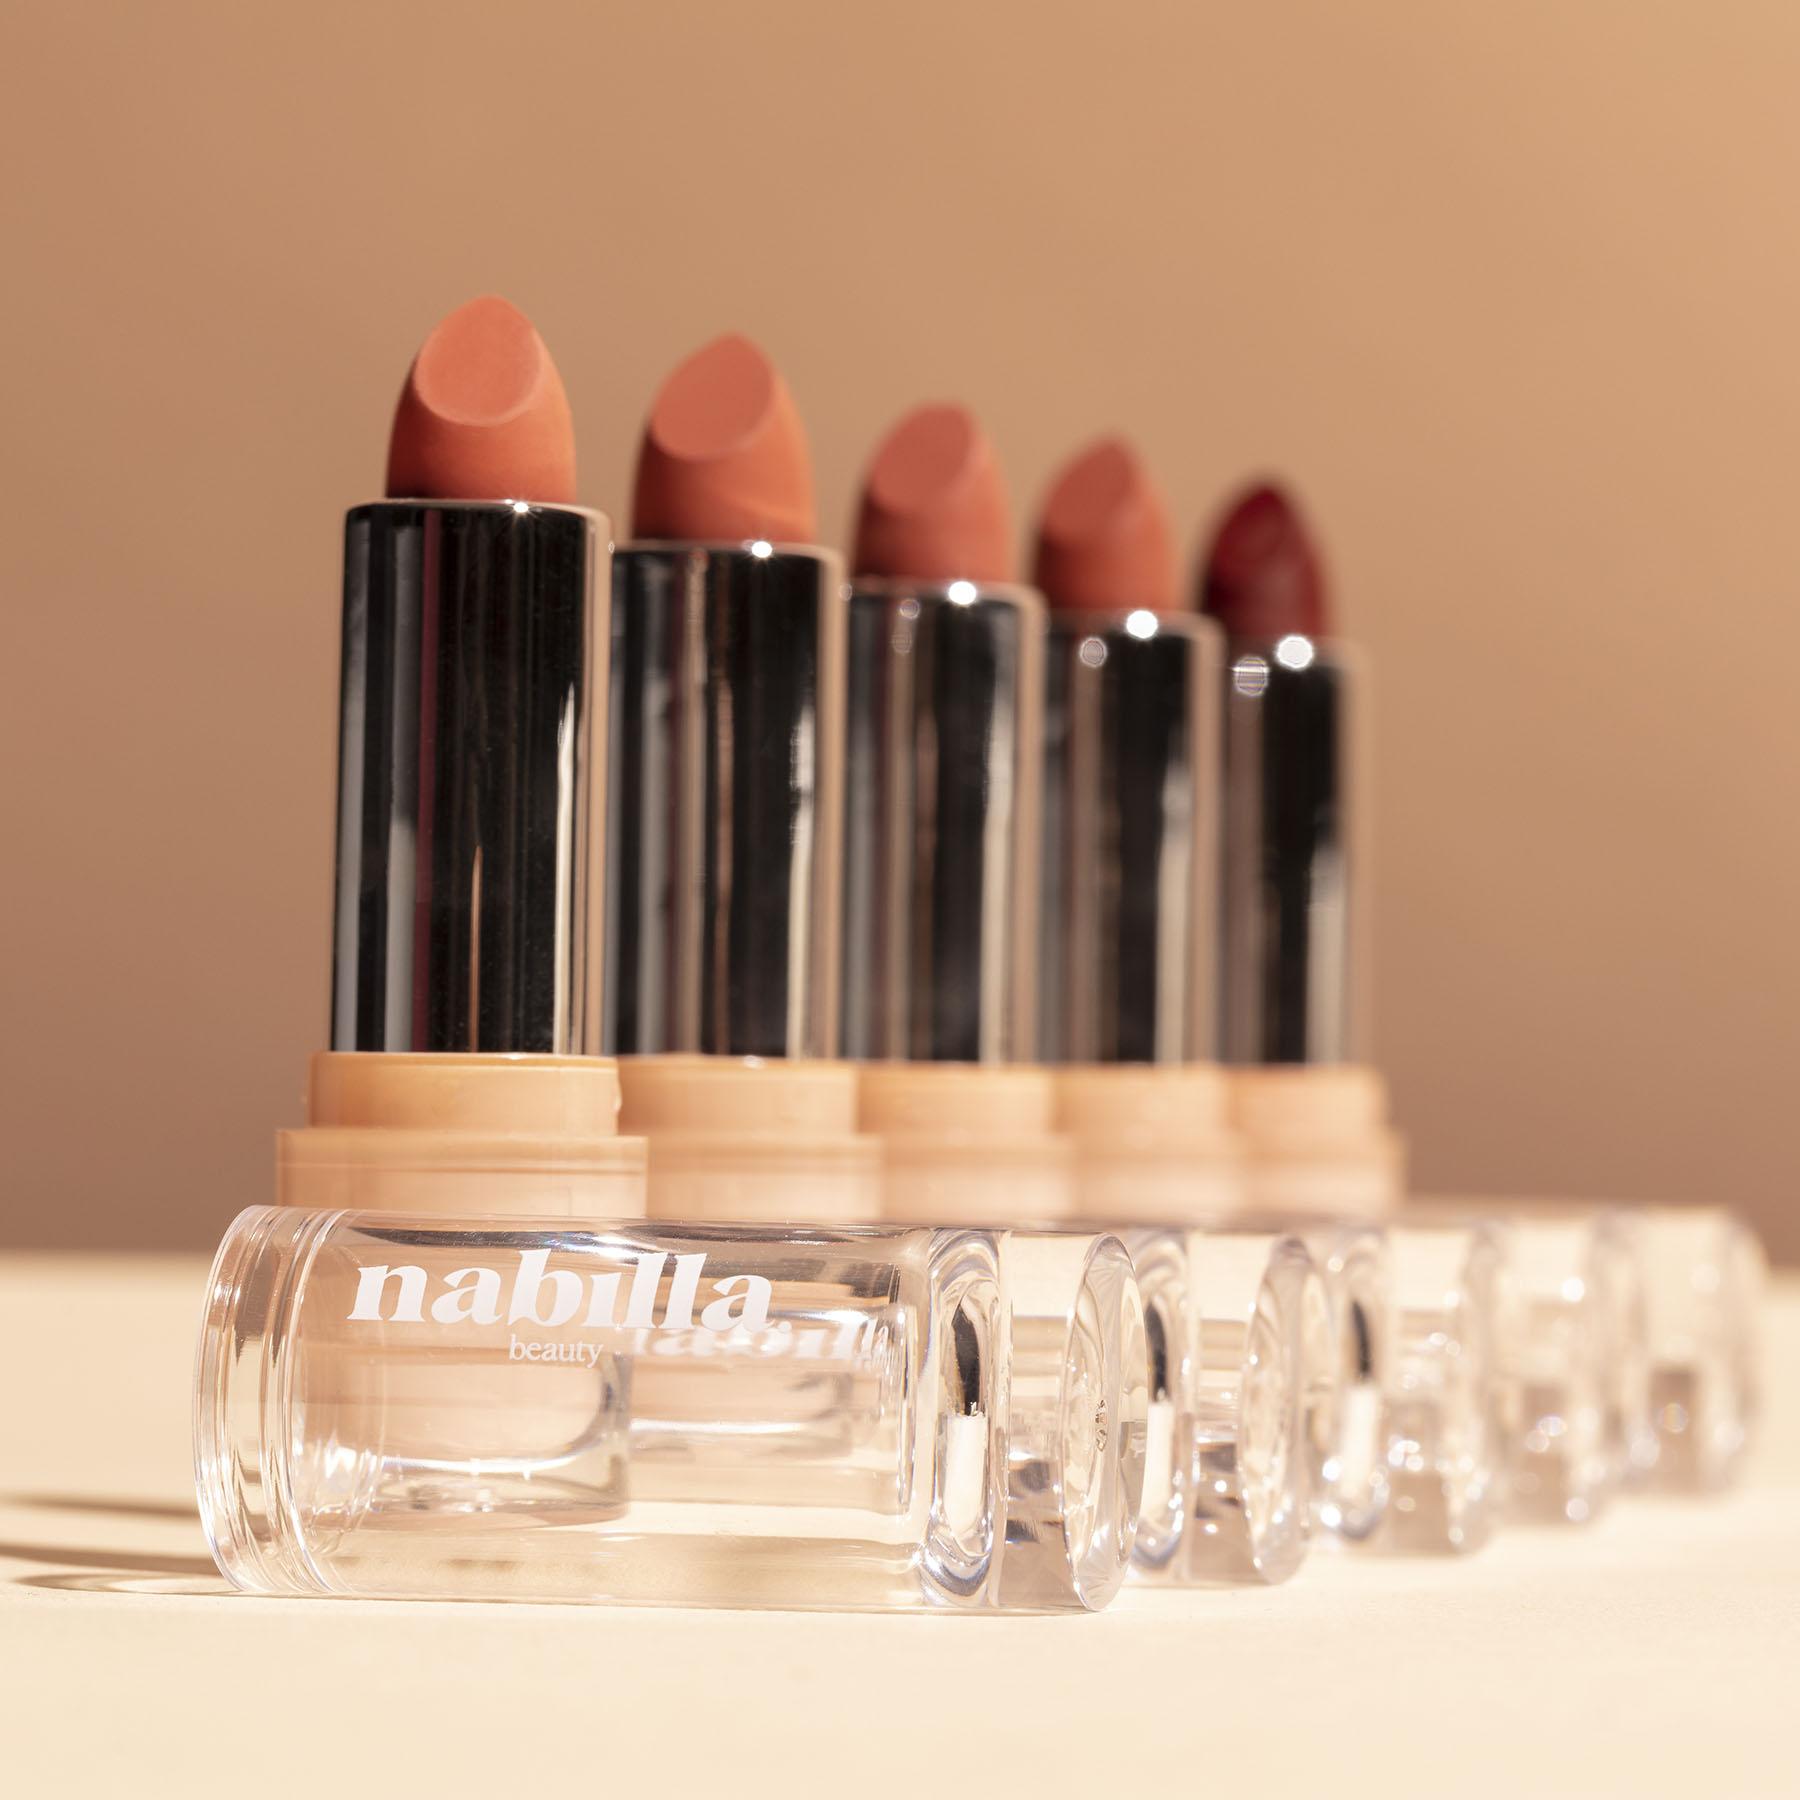 1 Déshabillé Nude + 1 palette + 1 lipstick